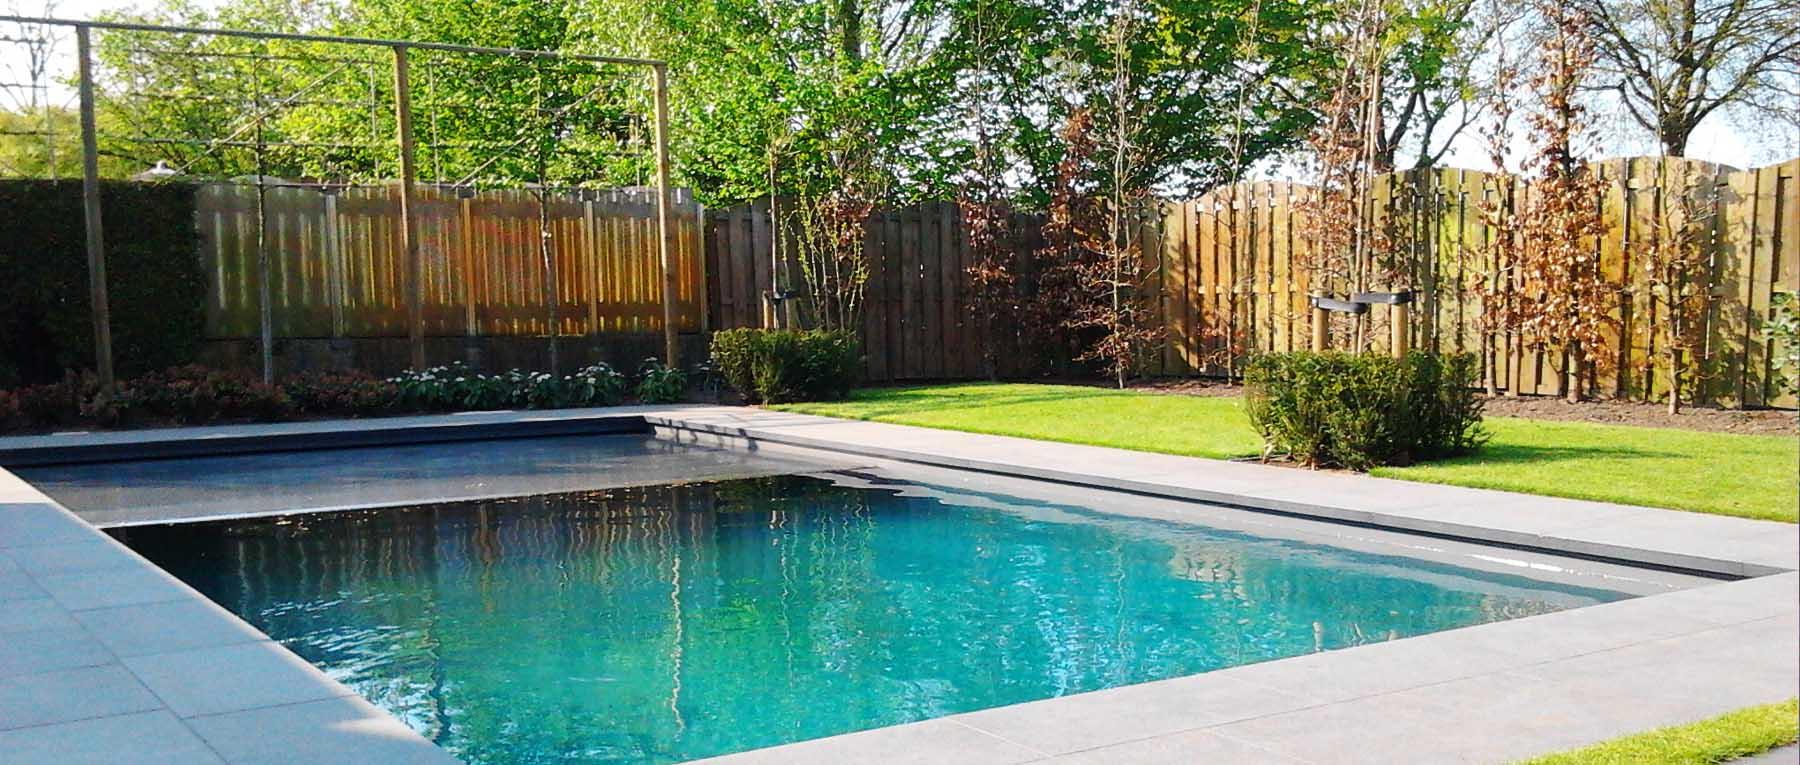 Waterbehandeling van uw zwembad